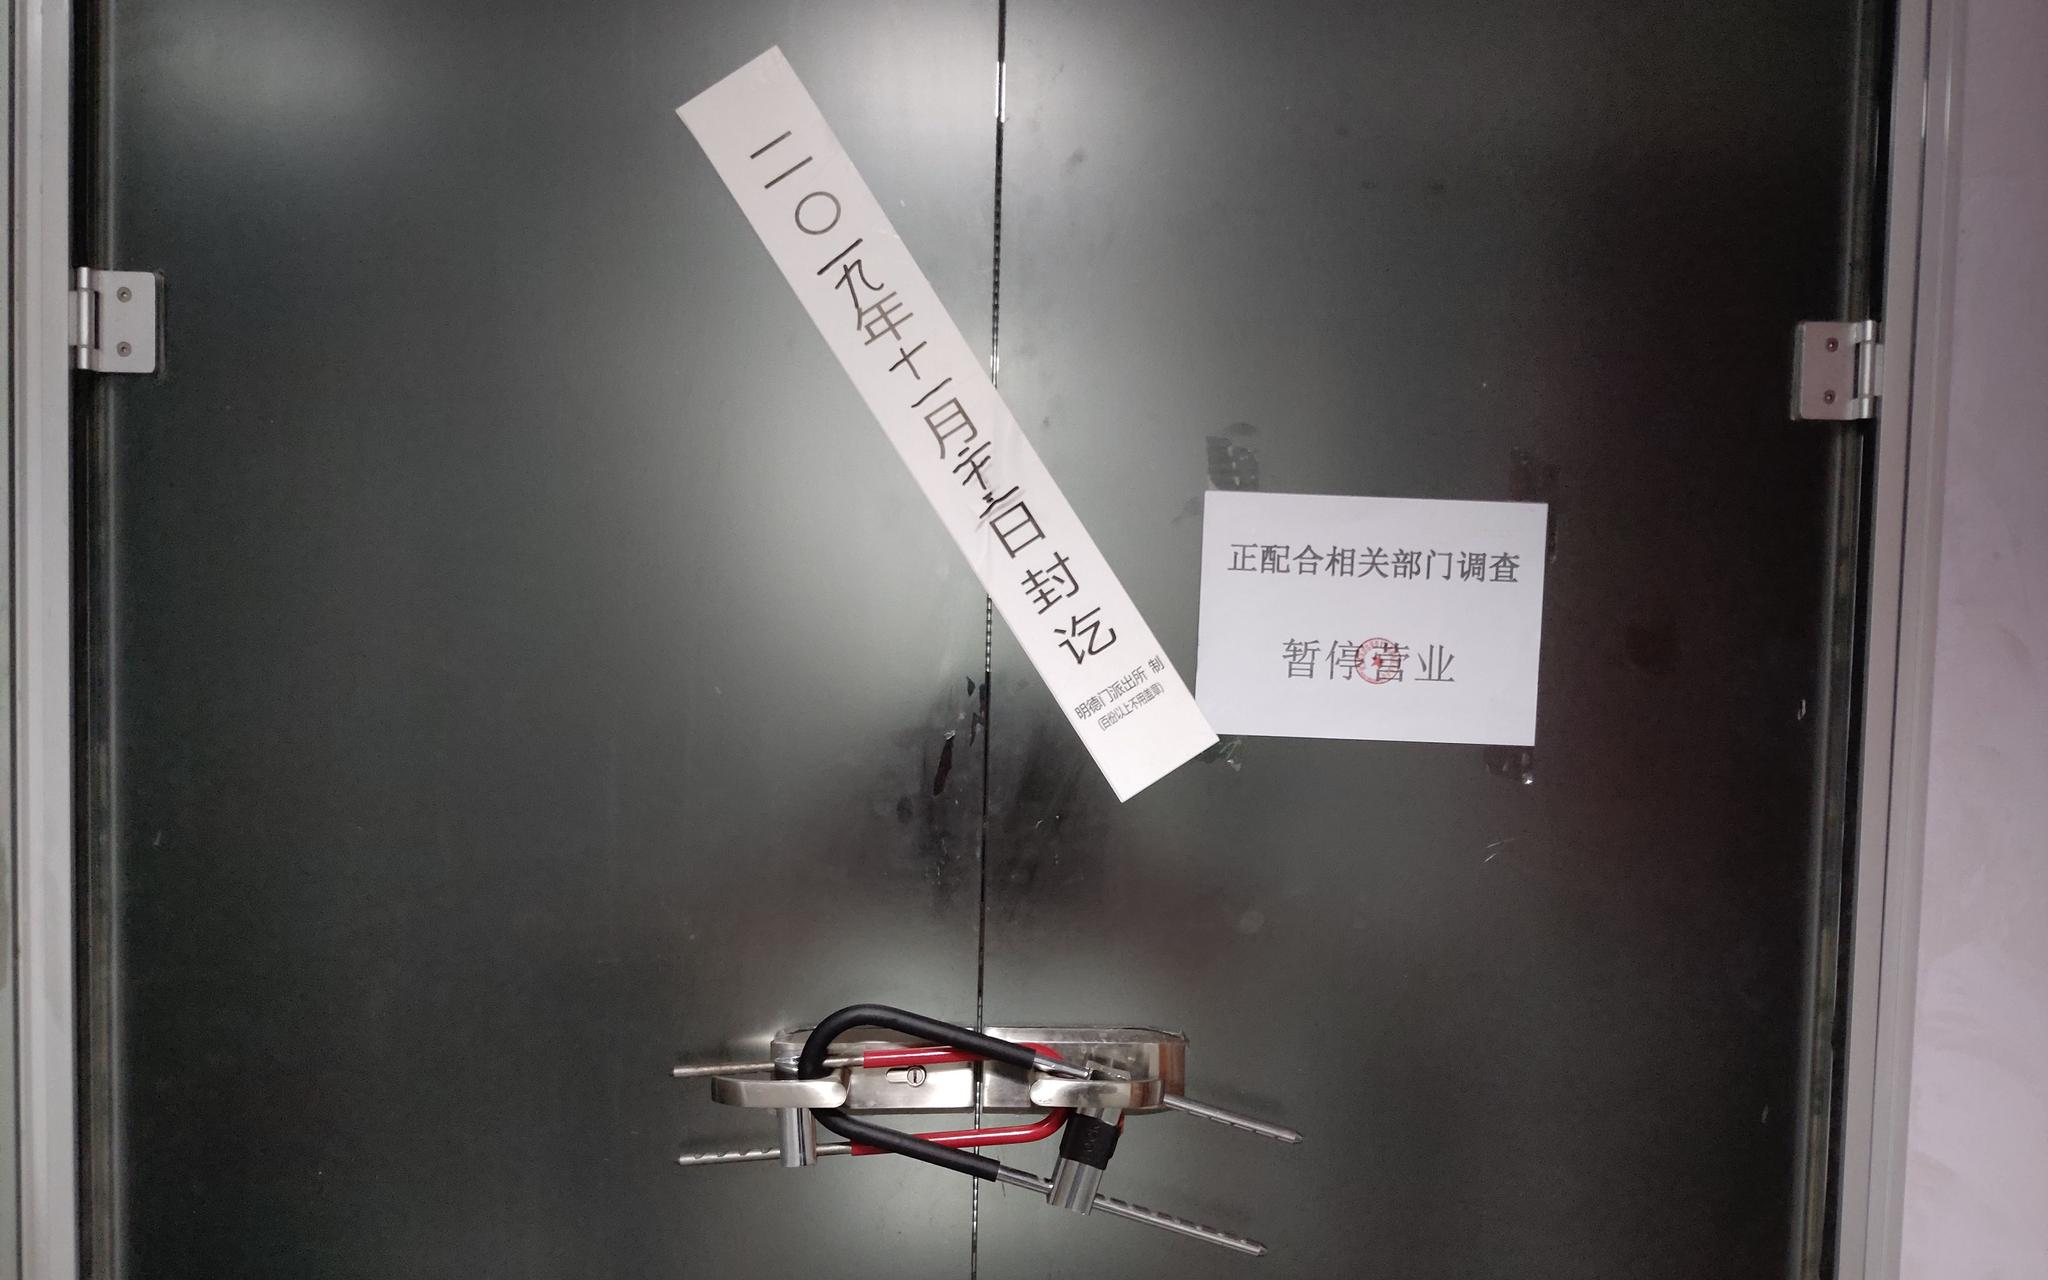 11月24日,喝风辟谷公司大门紧闭,贴着封条。新京报记者 海阳 摄